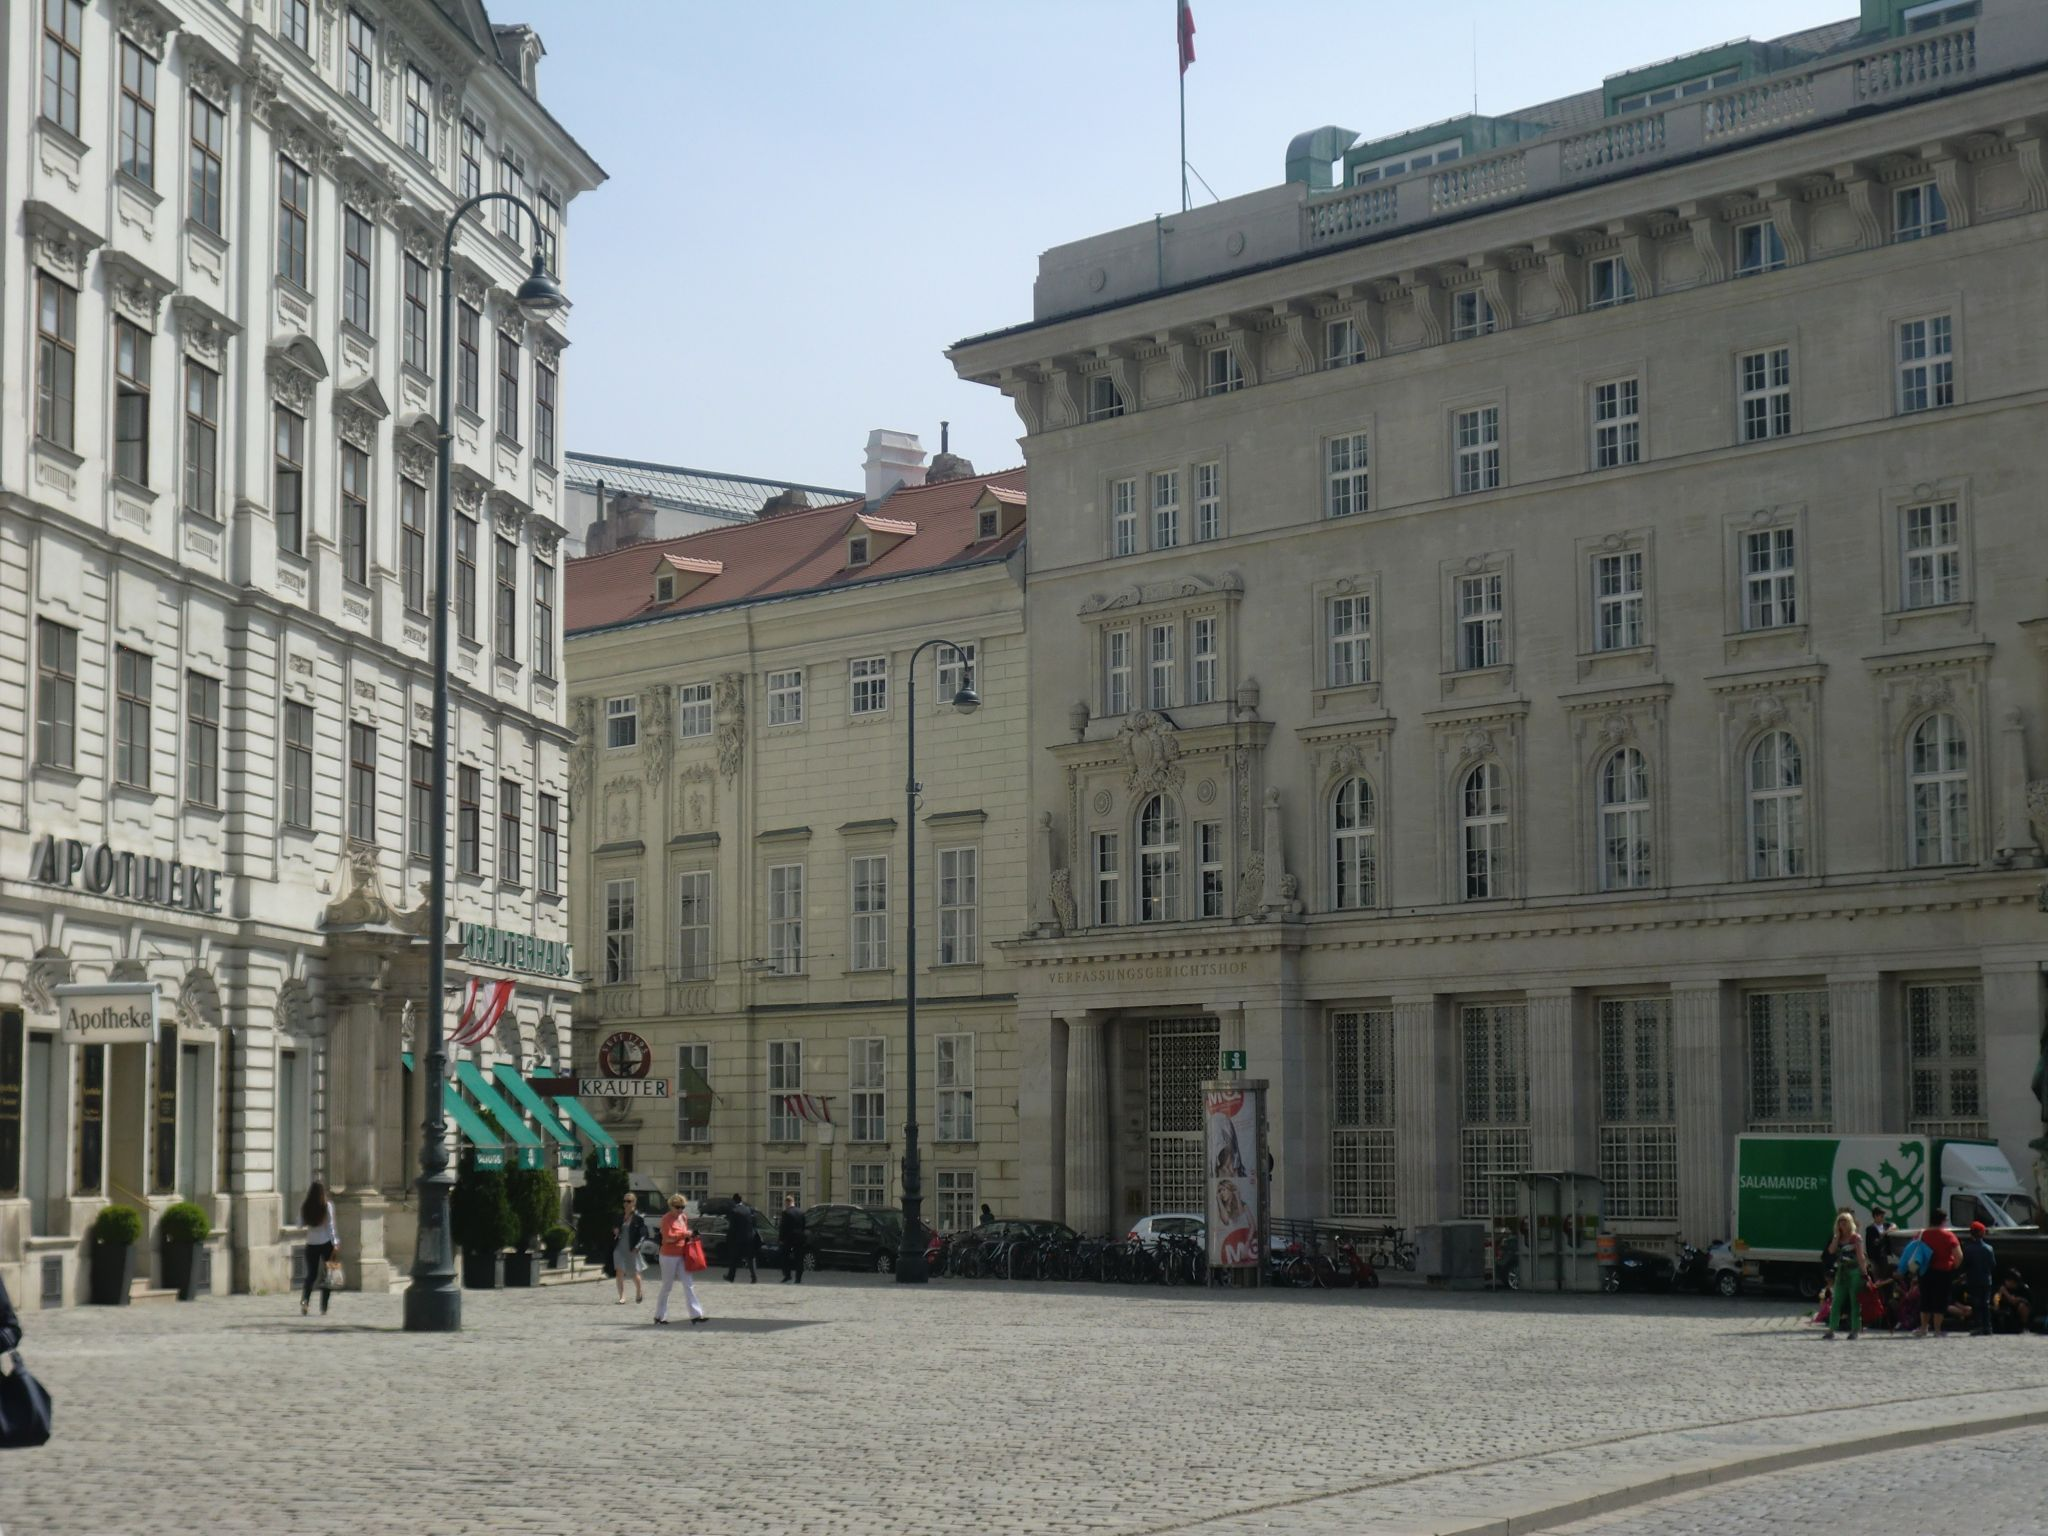 Vienna architecture 16 1440x1080 - Vienna: elegant beauty